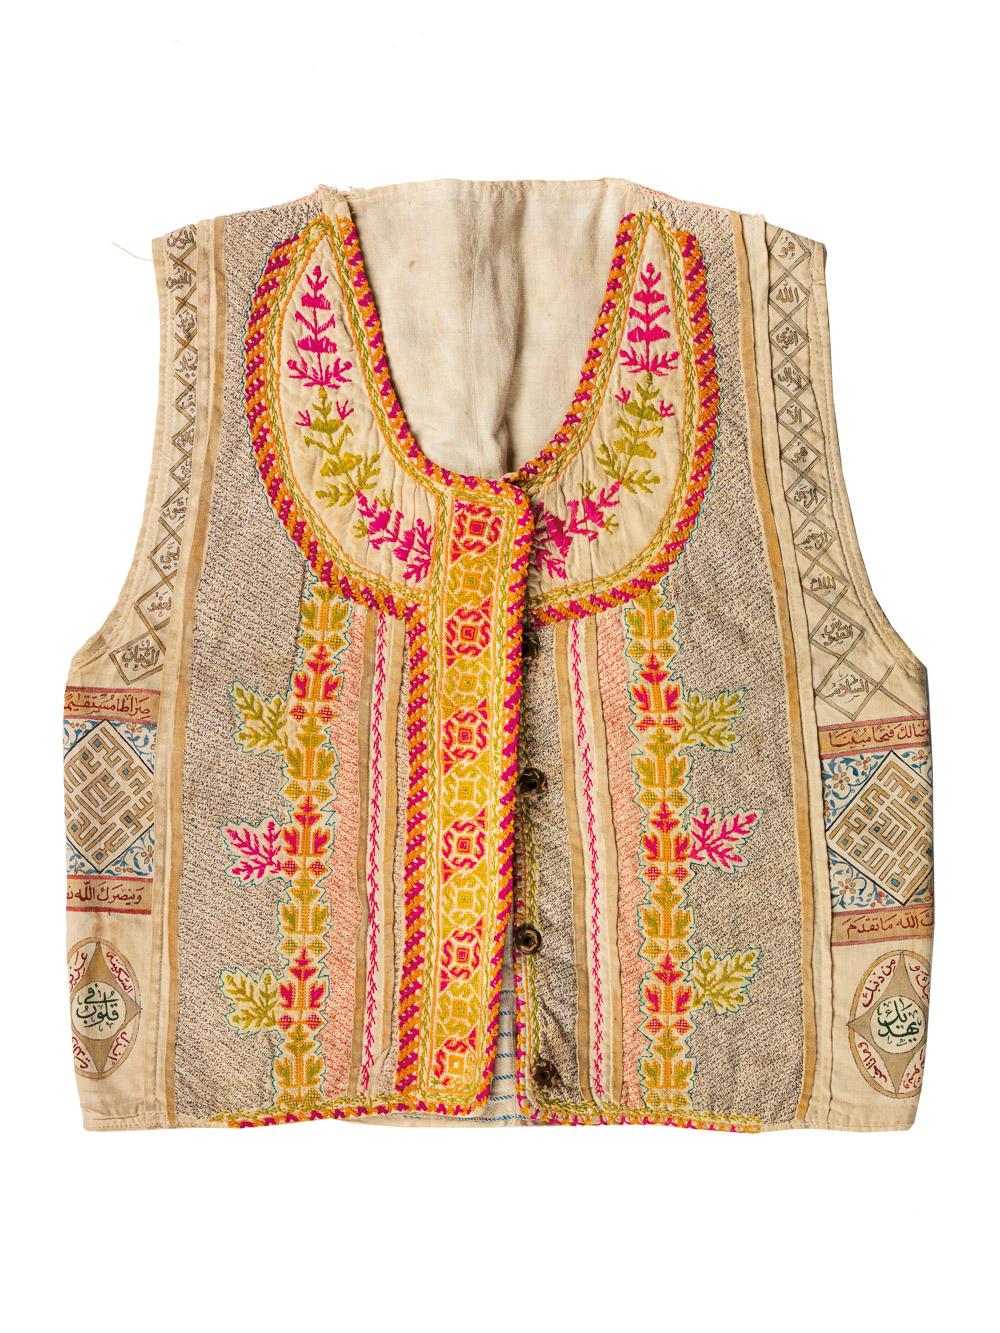 Child's talismanic vest